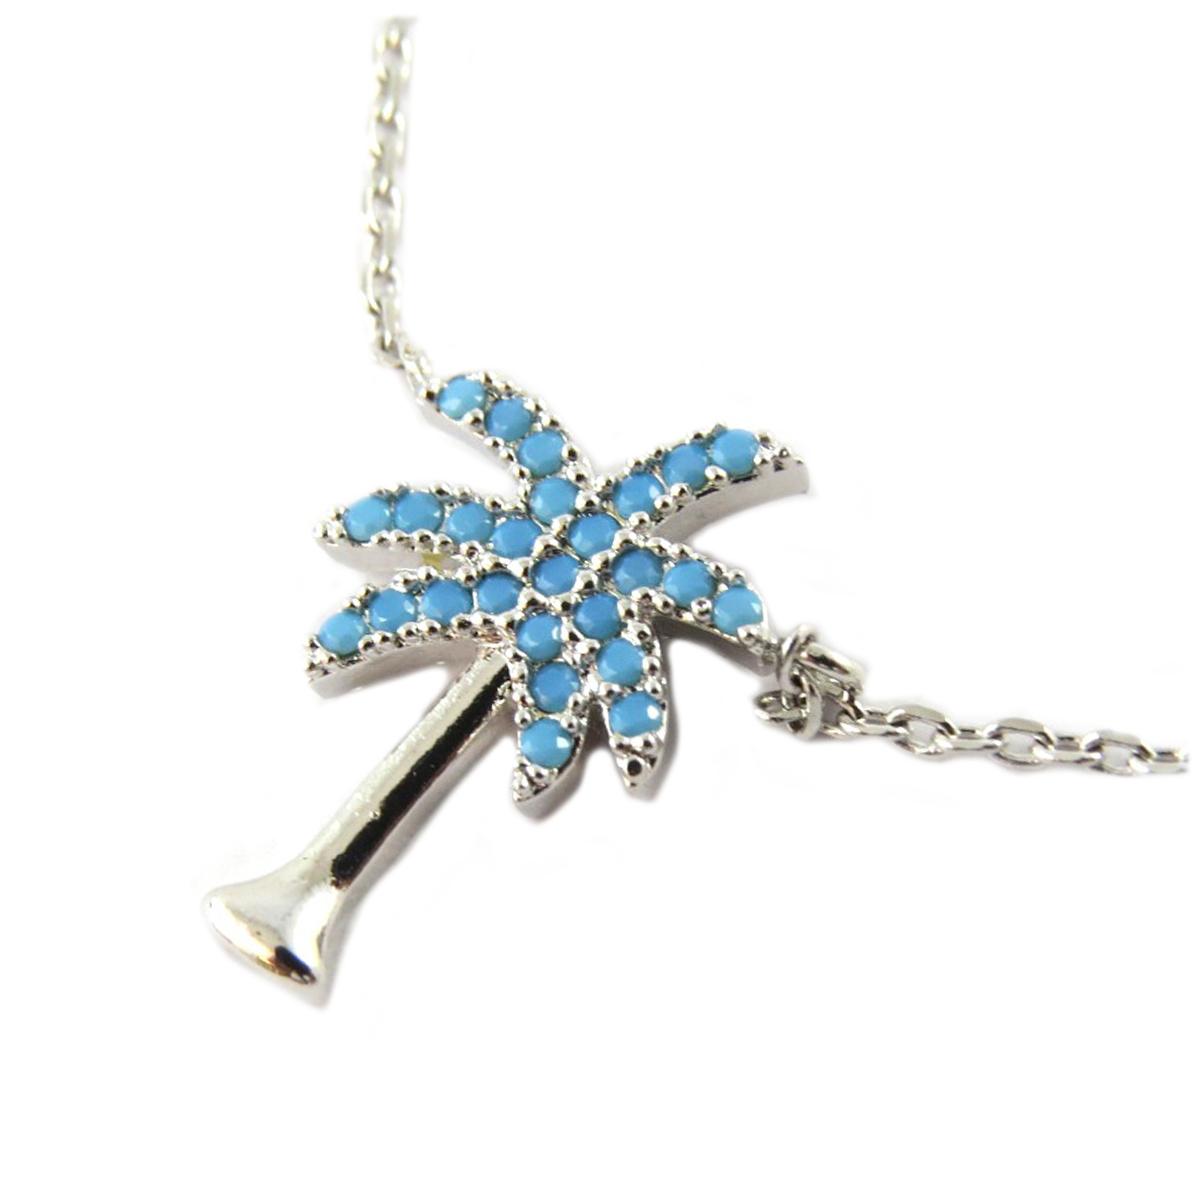 Collier artisanal \'Palmier\' turquoise argenté - 15x10 mm - [Q1390]